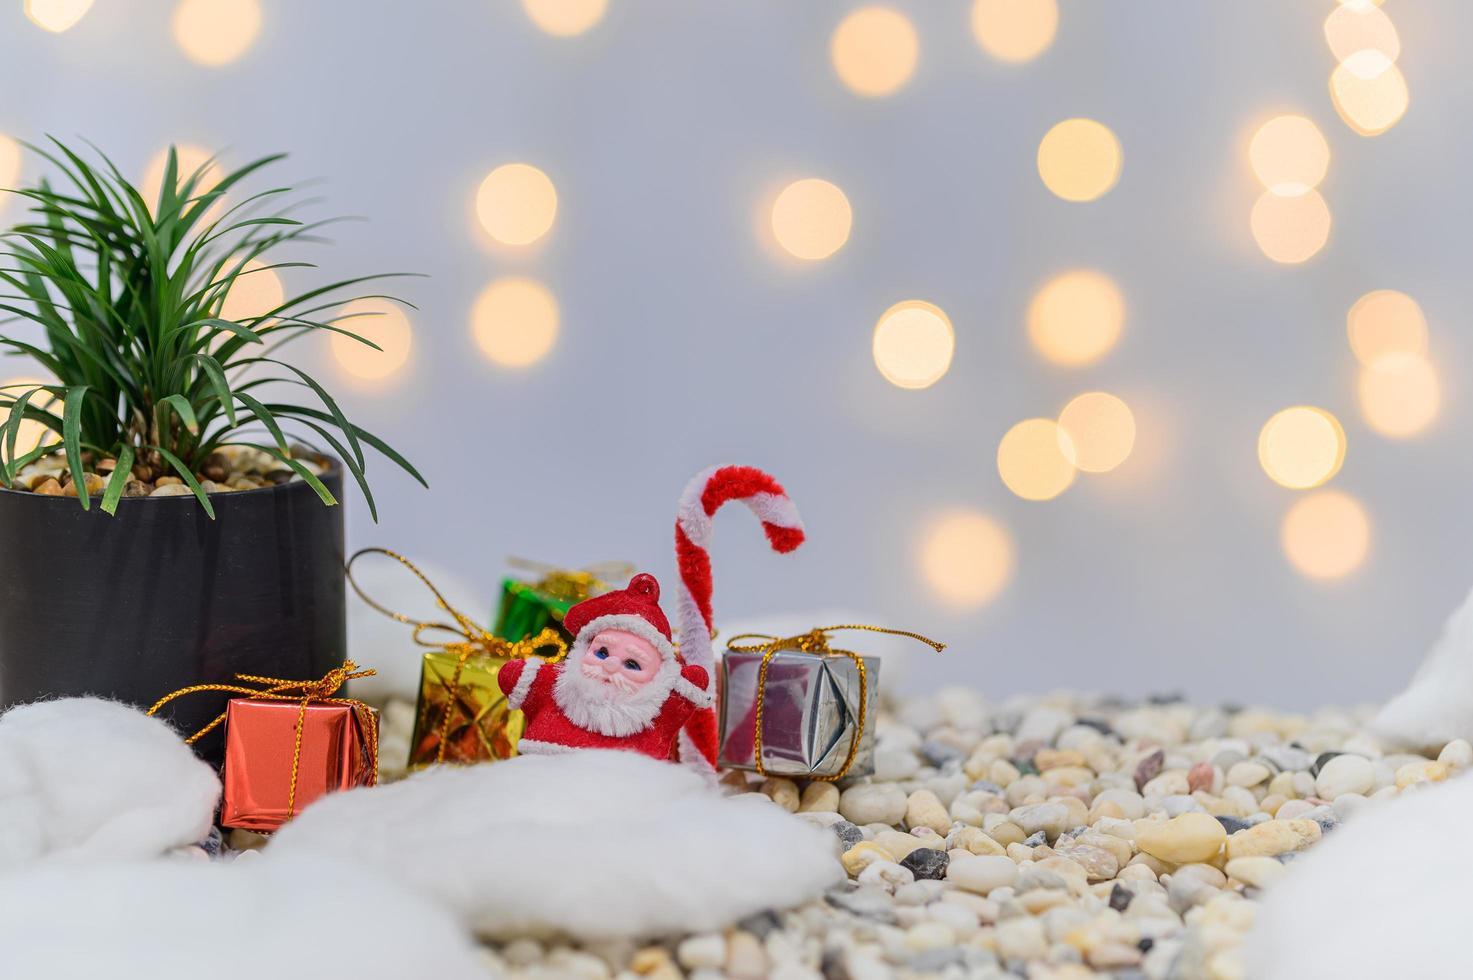 fondo de navidad para el adviento foto